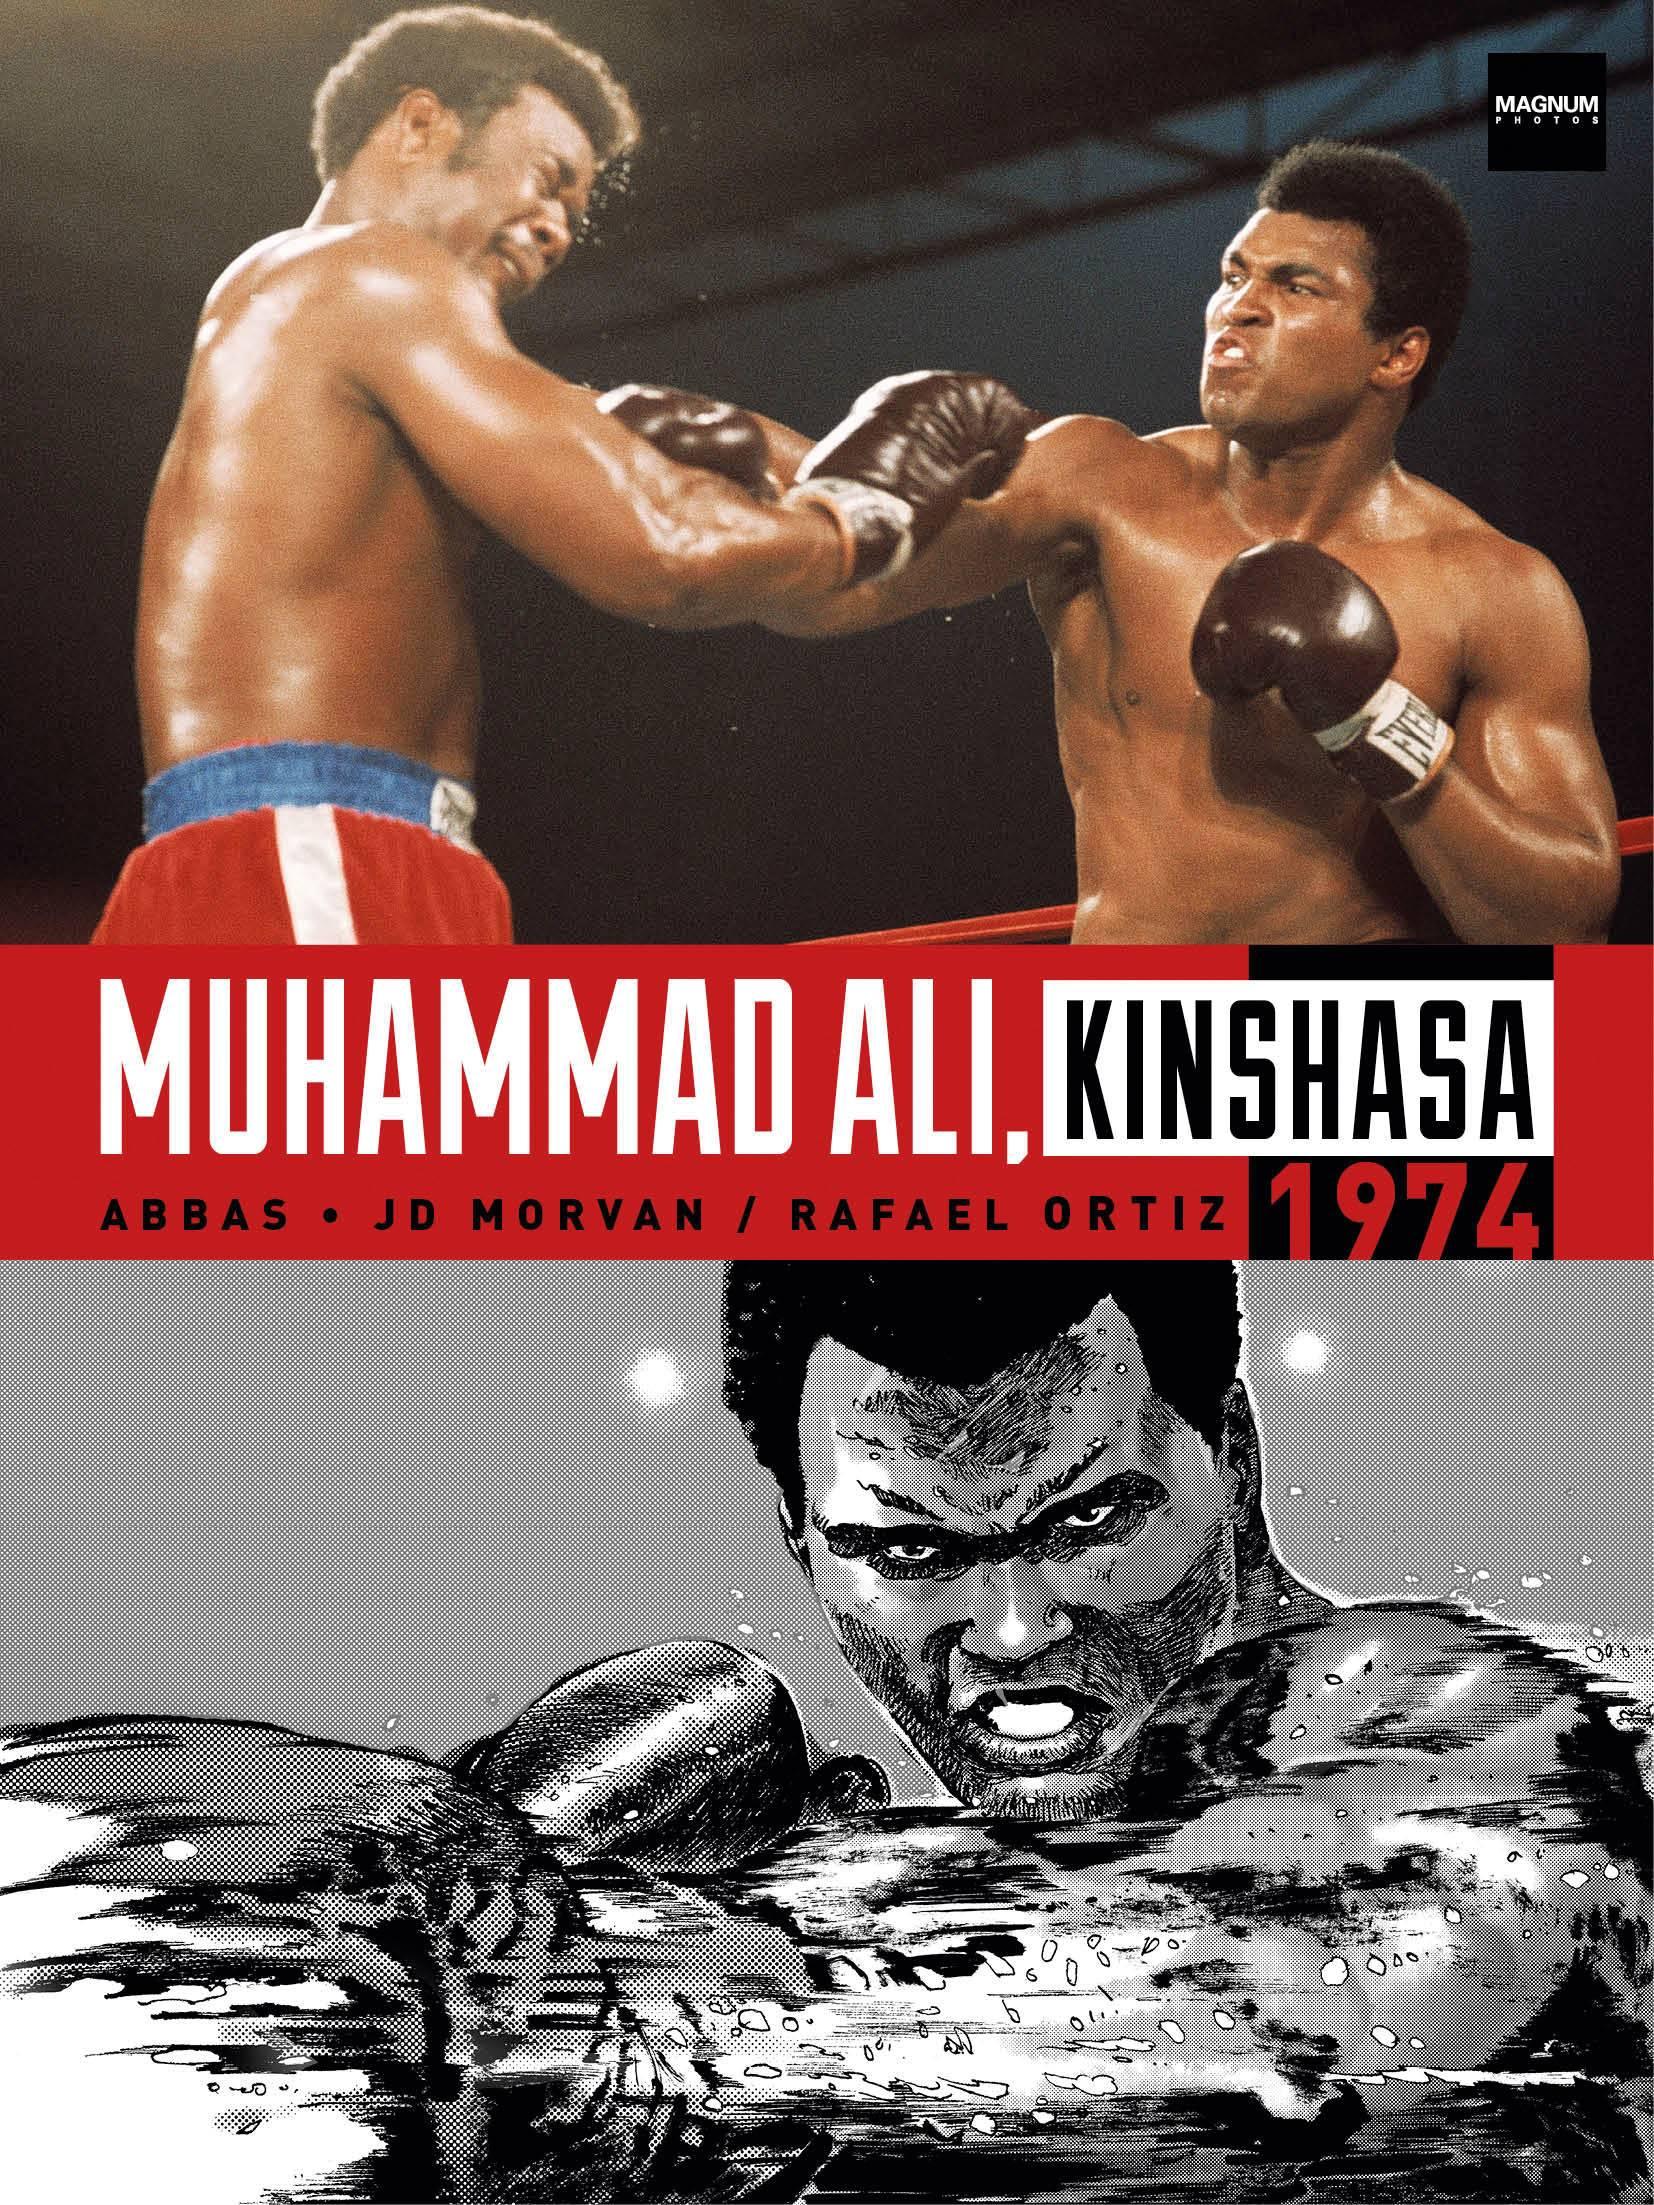 MUHAMMAD ALI KINSHASA 1974 HC (MR)